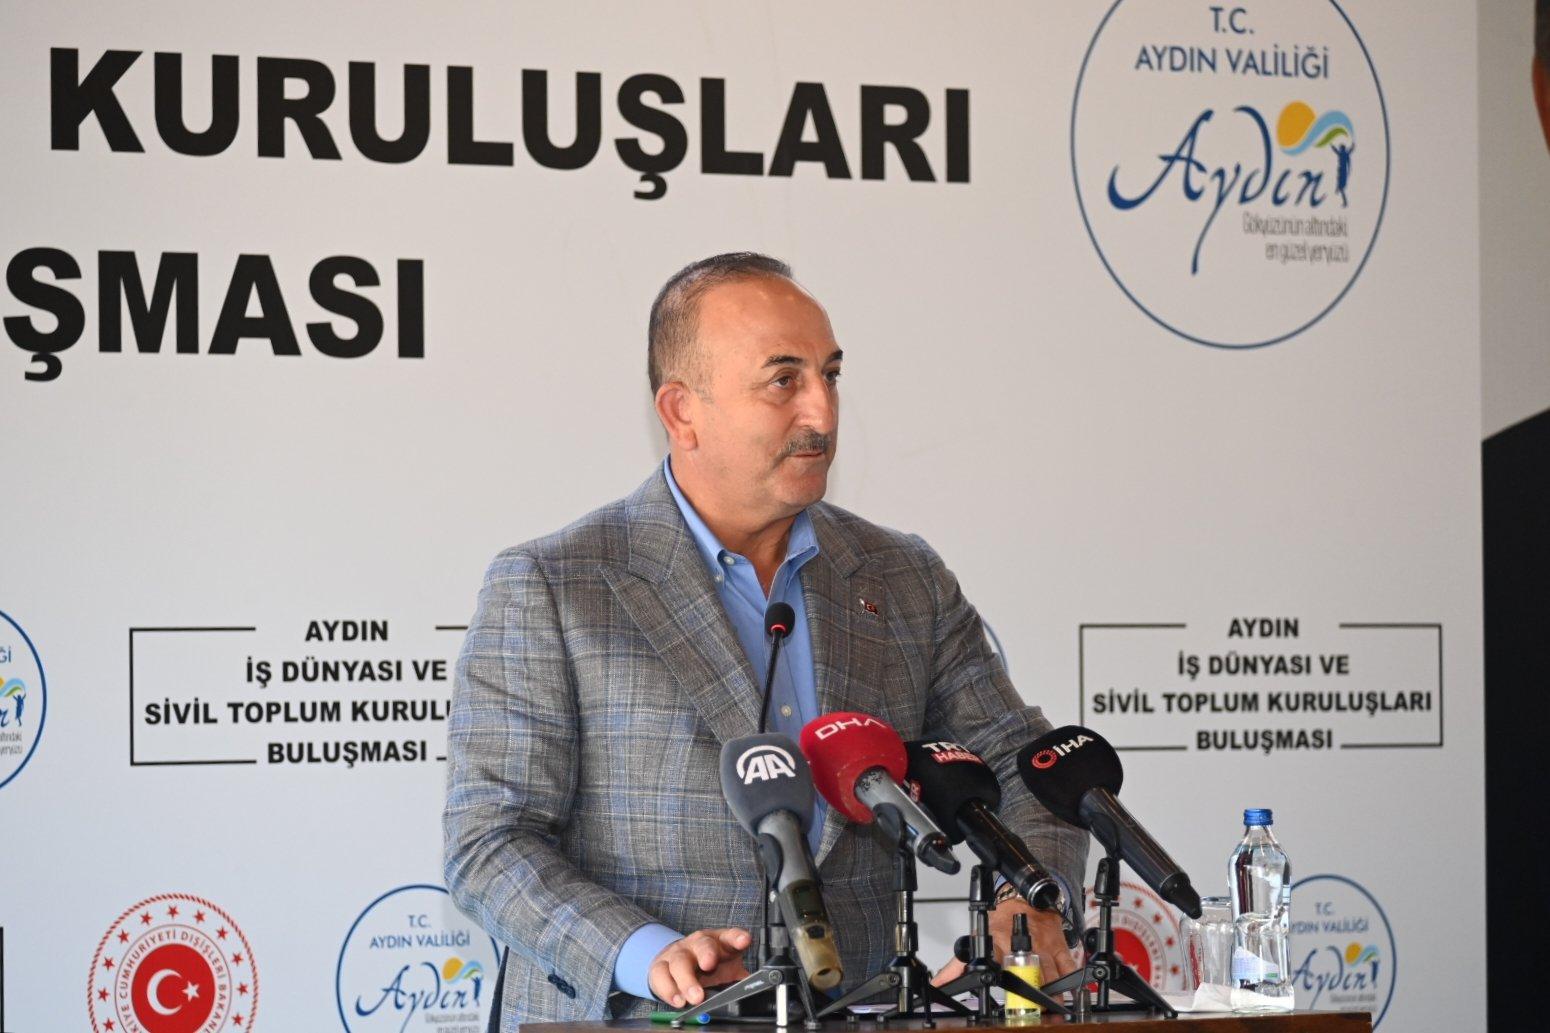 ÜLKEN,  Dışişleri Bakanı Sayın Mevlüt ÇAVUŞOĞLU'na  Aydın firmalarının dış ticaret ile ilgili uluslararası sorun ve çözüm önerilerini iletti